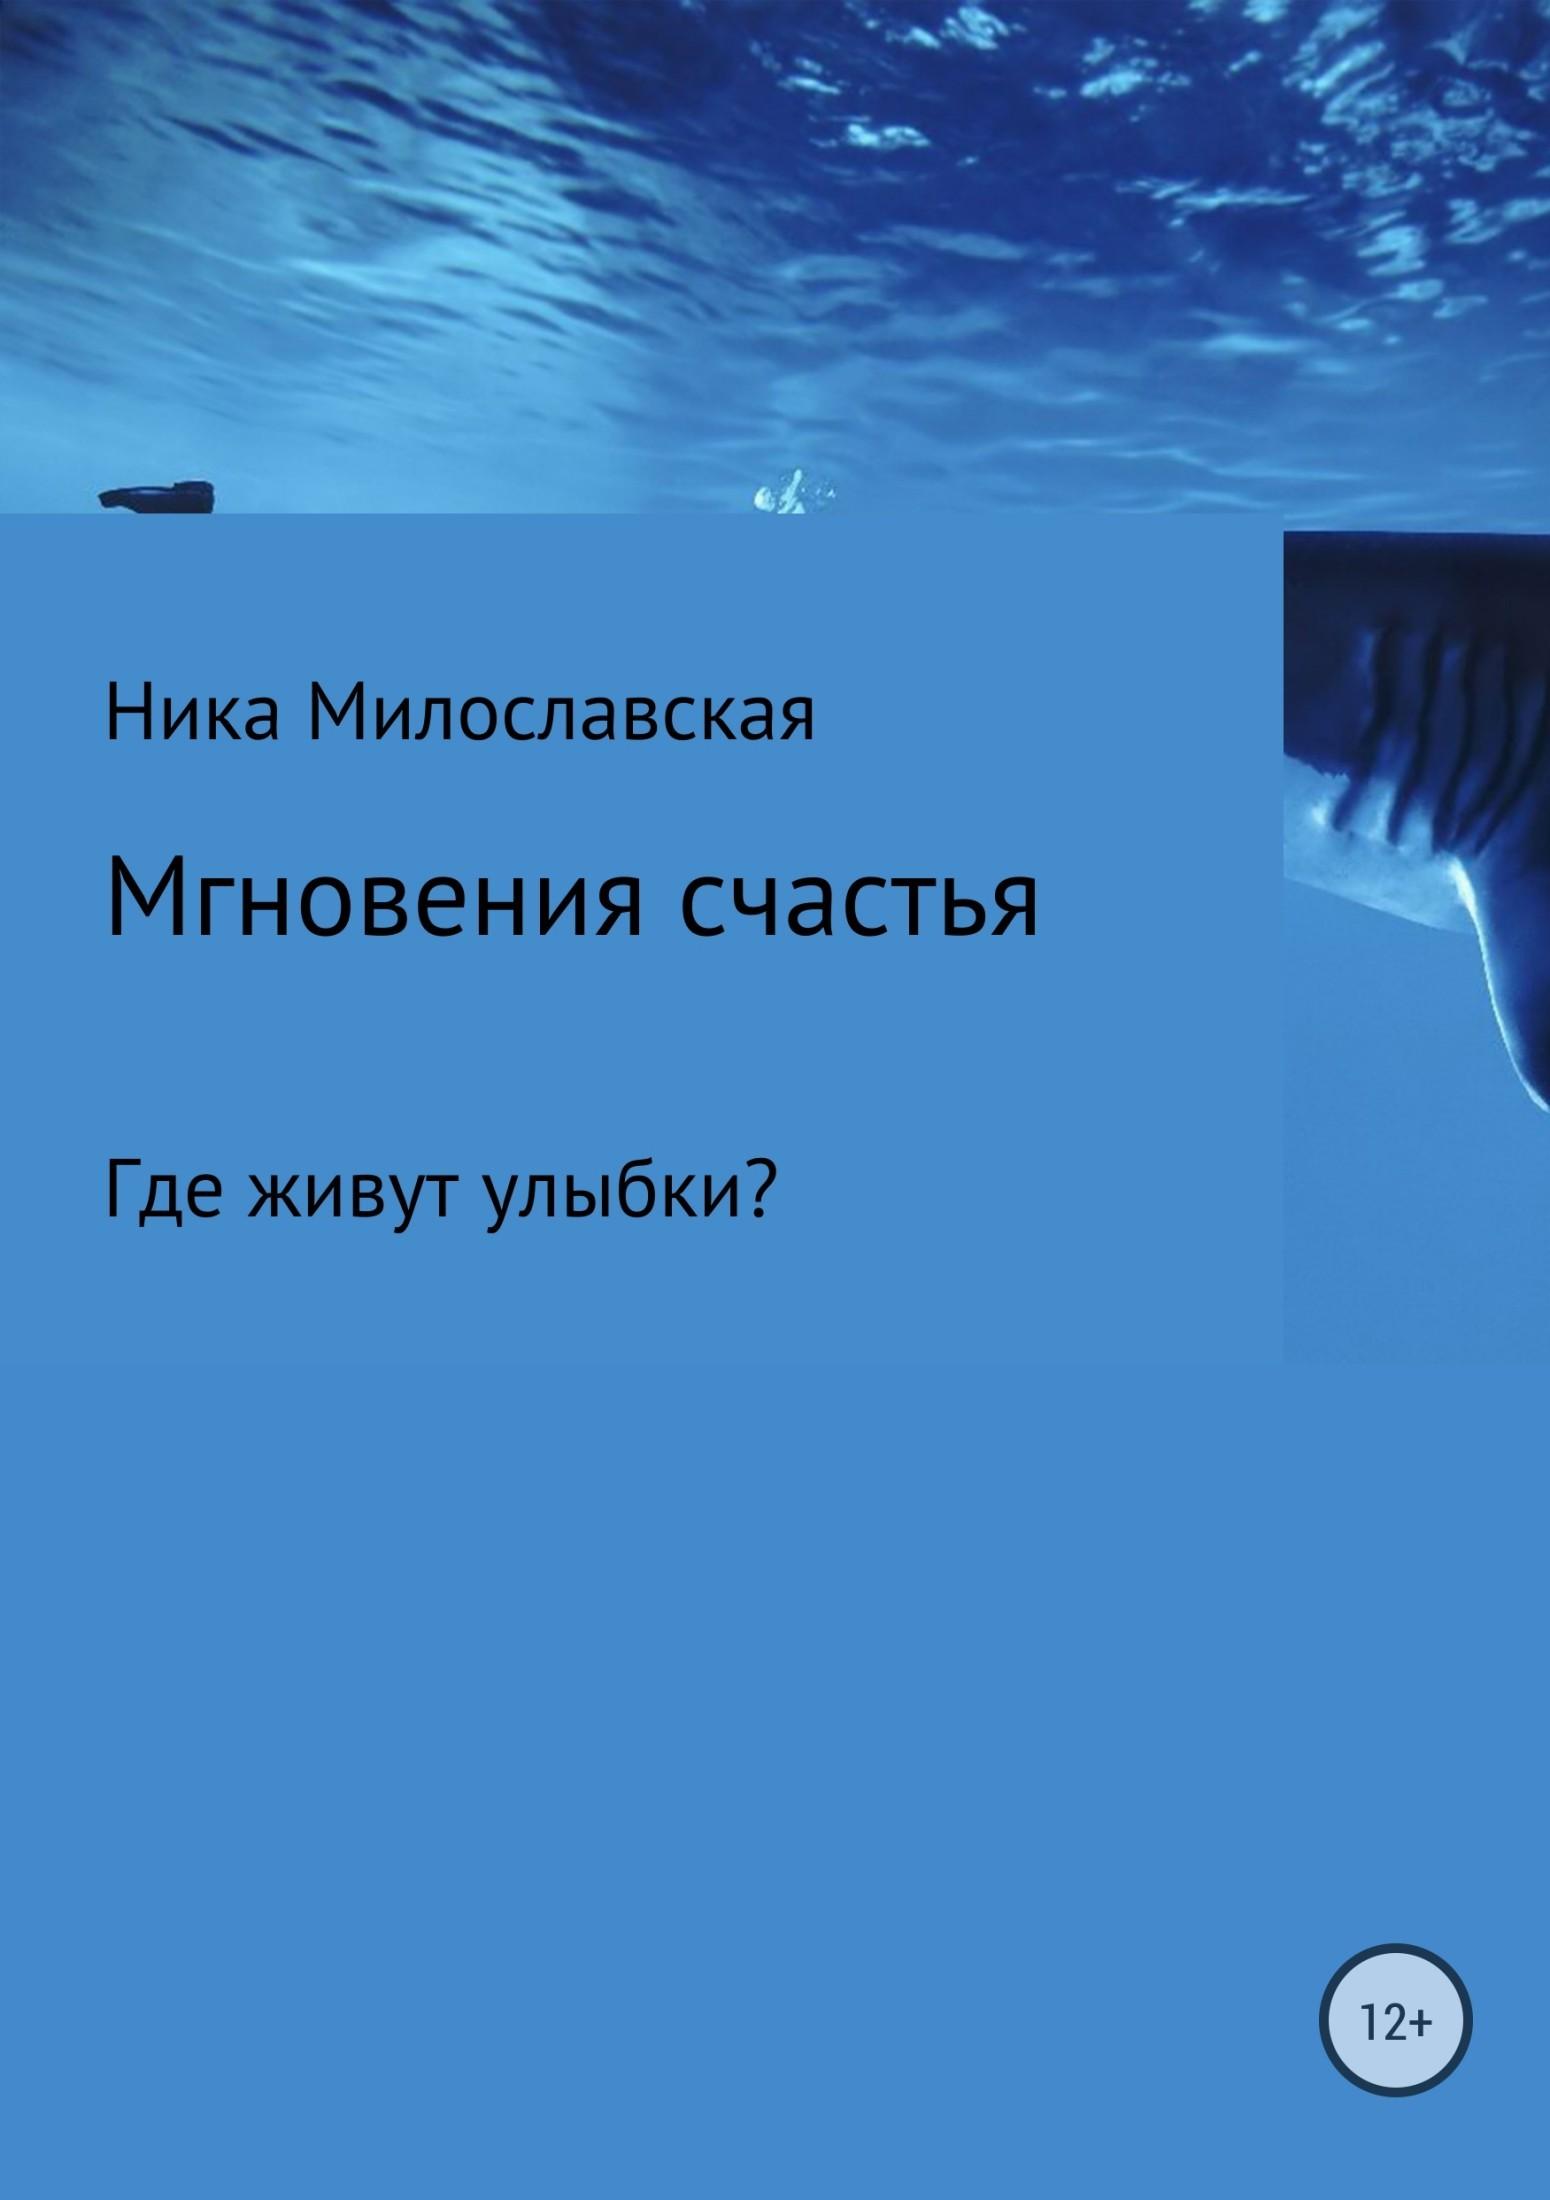 Ника Милославская Мгновения счастья. Где живут улыбки?